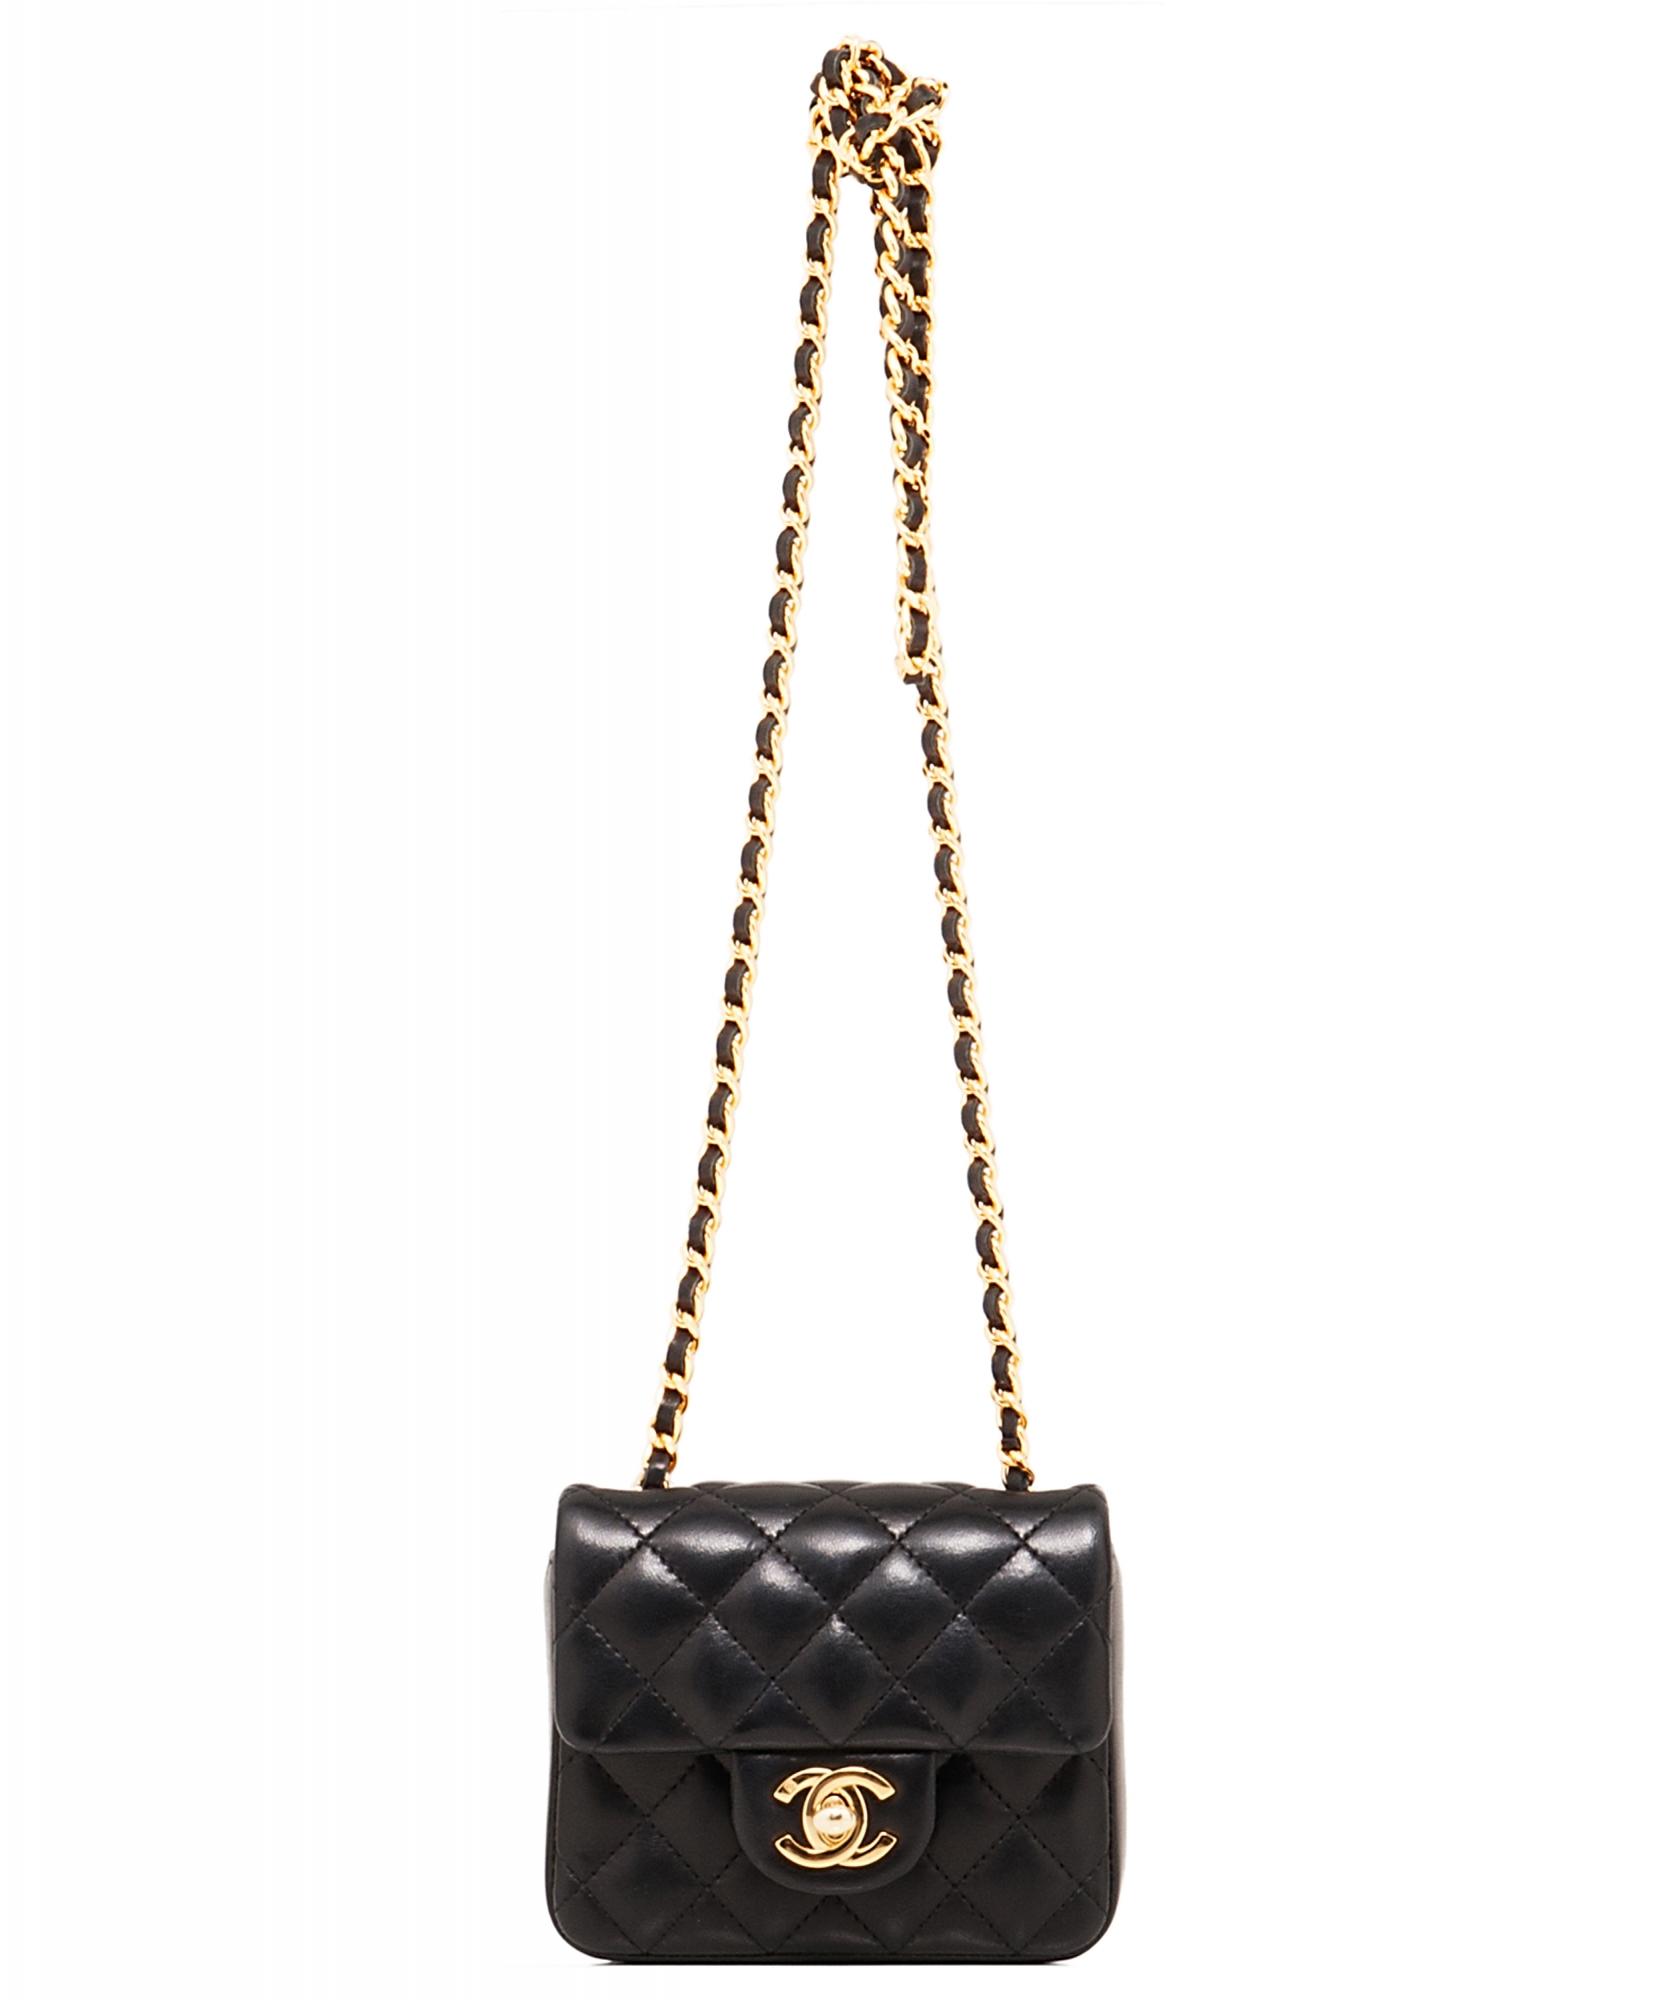 829e160f498e Chanel Black Micro Mini Classic Cross Body Bag | La Doyenne